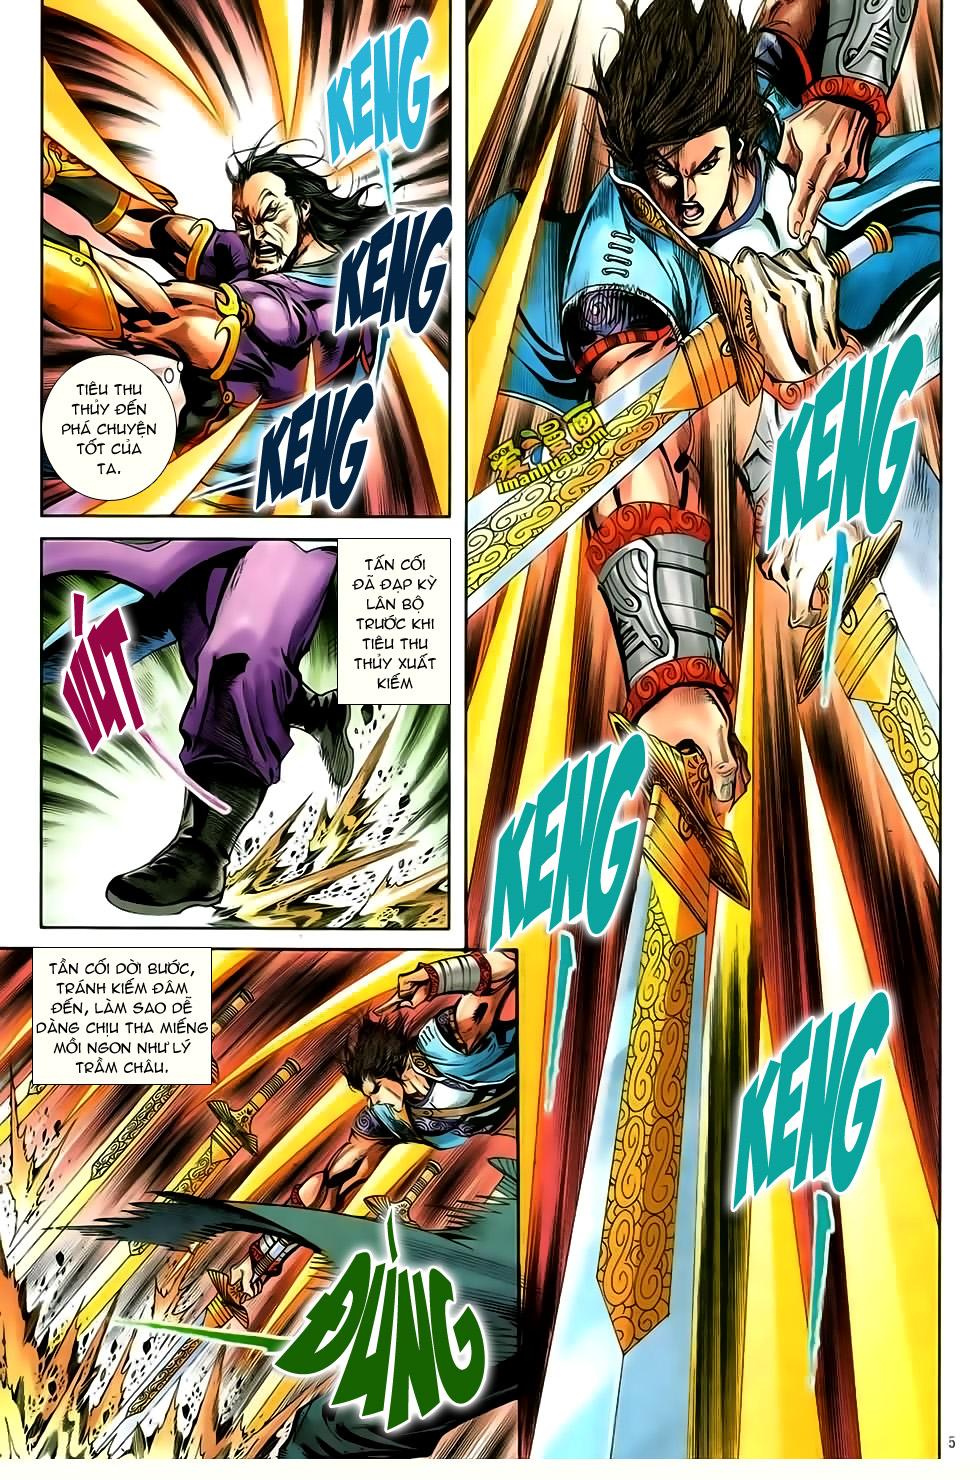 Đại Hiệp Truyền Kỳ (Thần Châu Hậu Truyện) chap 50 - Trang 4